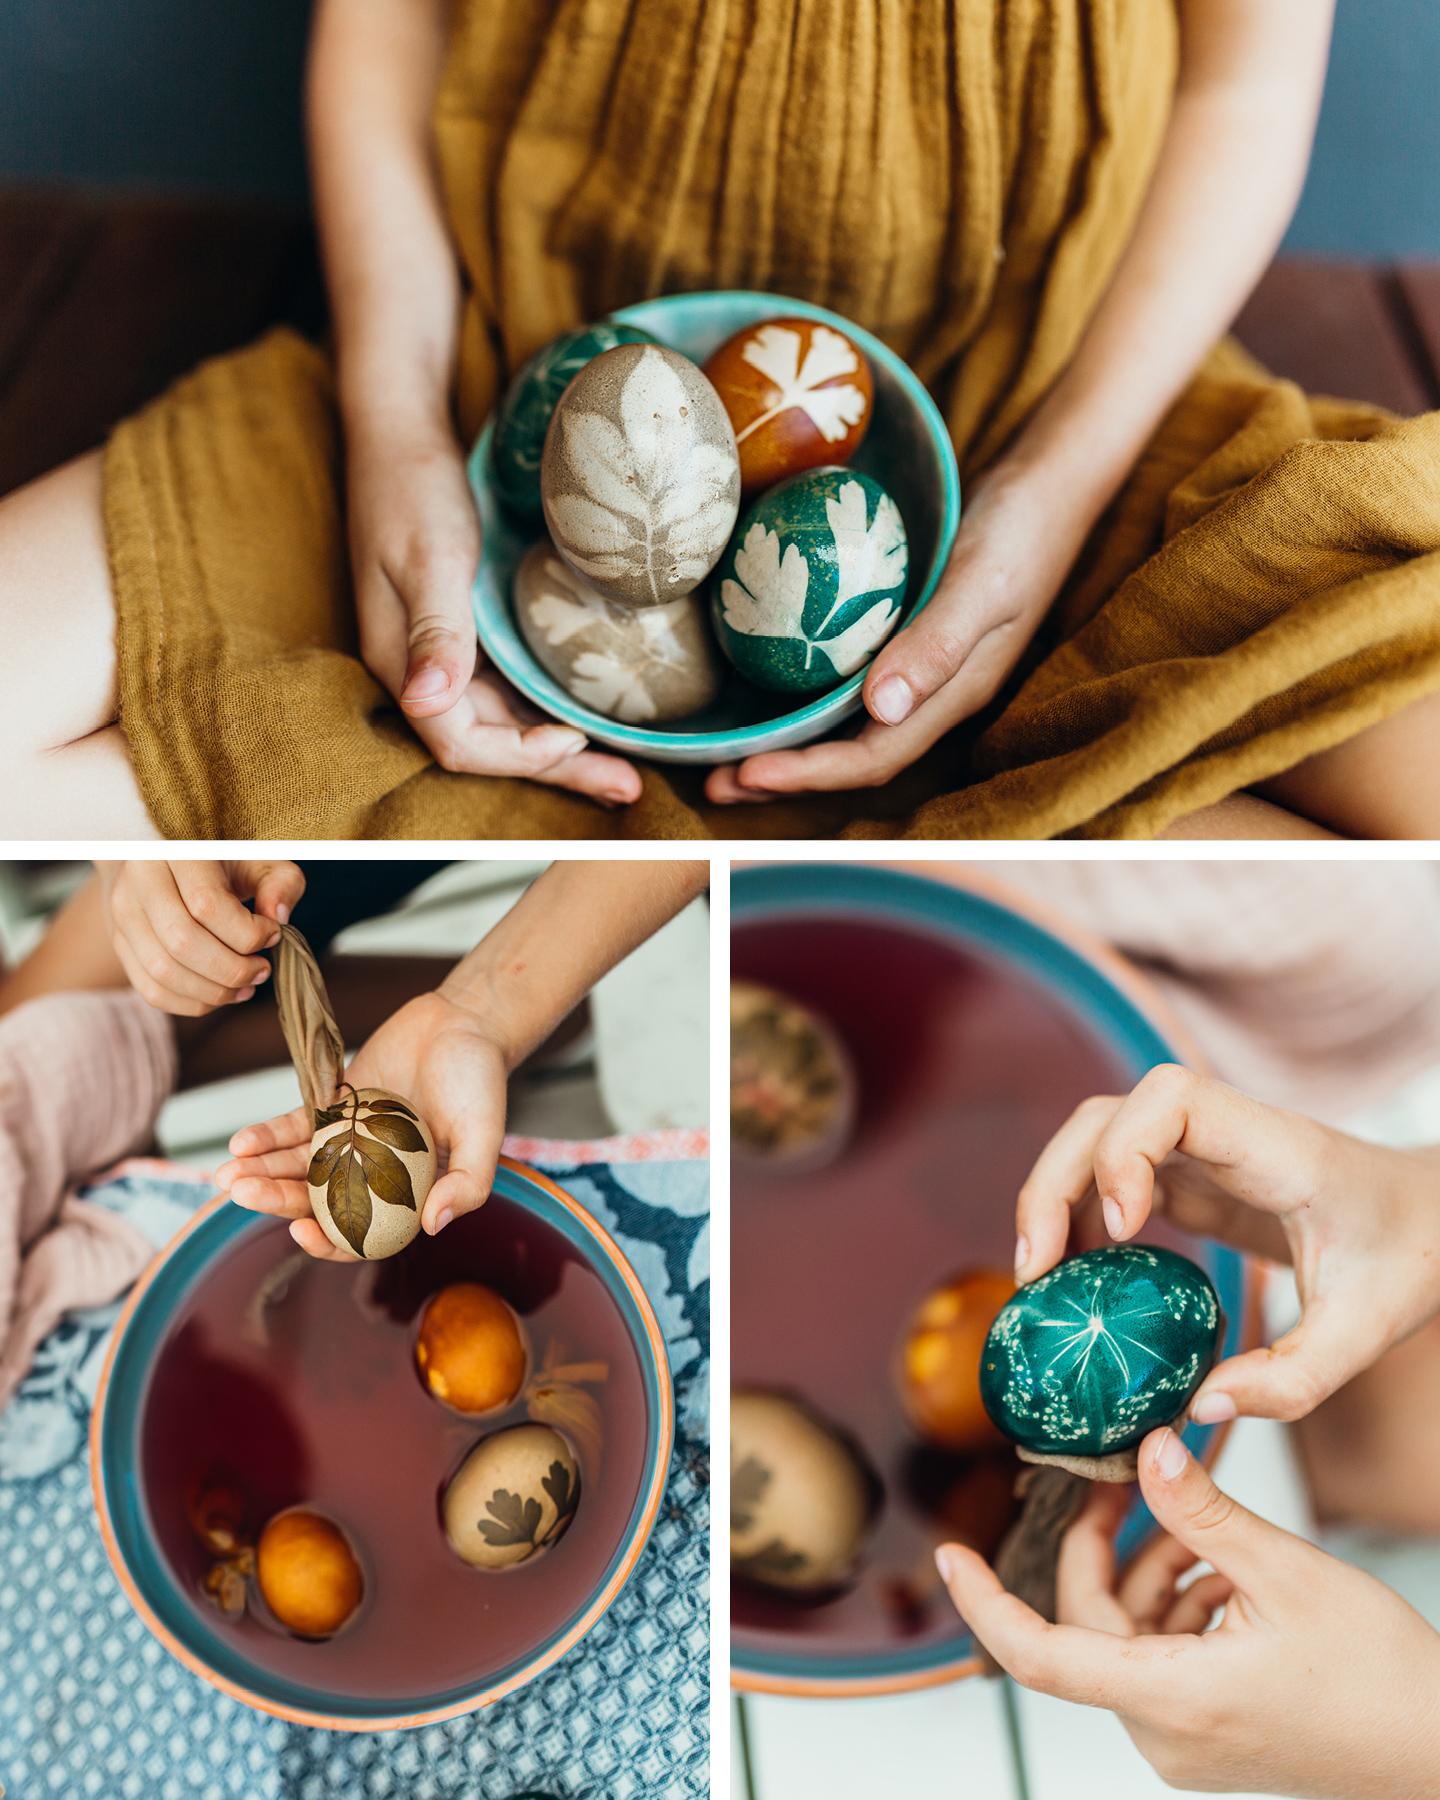 Osteier werden mit natürlichen Farben in Orange & Blau eingefärbt zu Ostern.